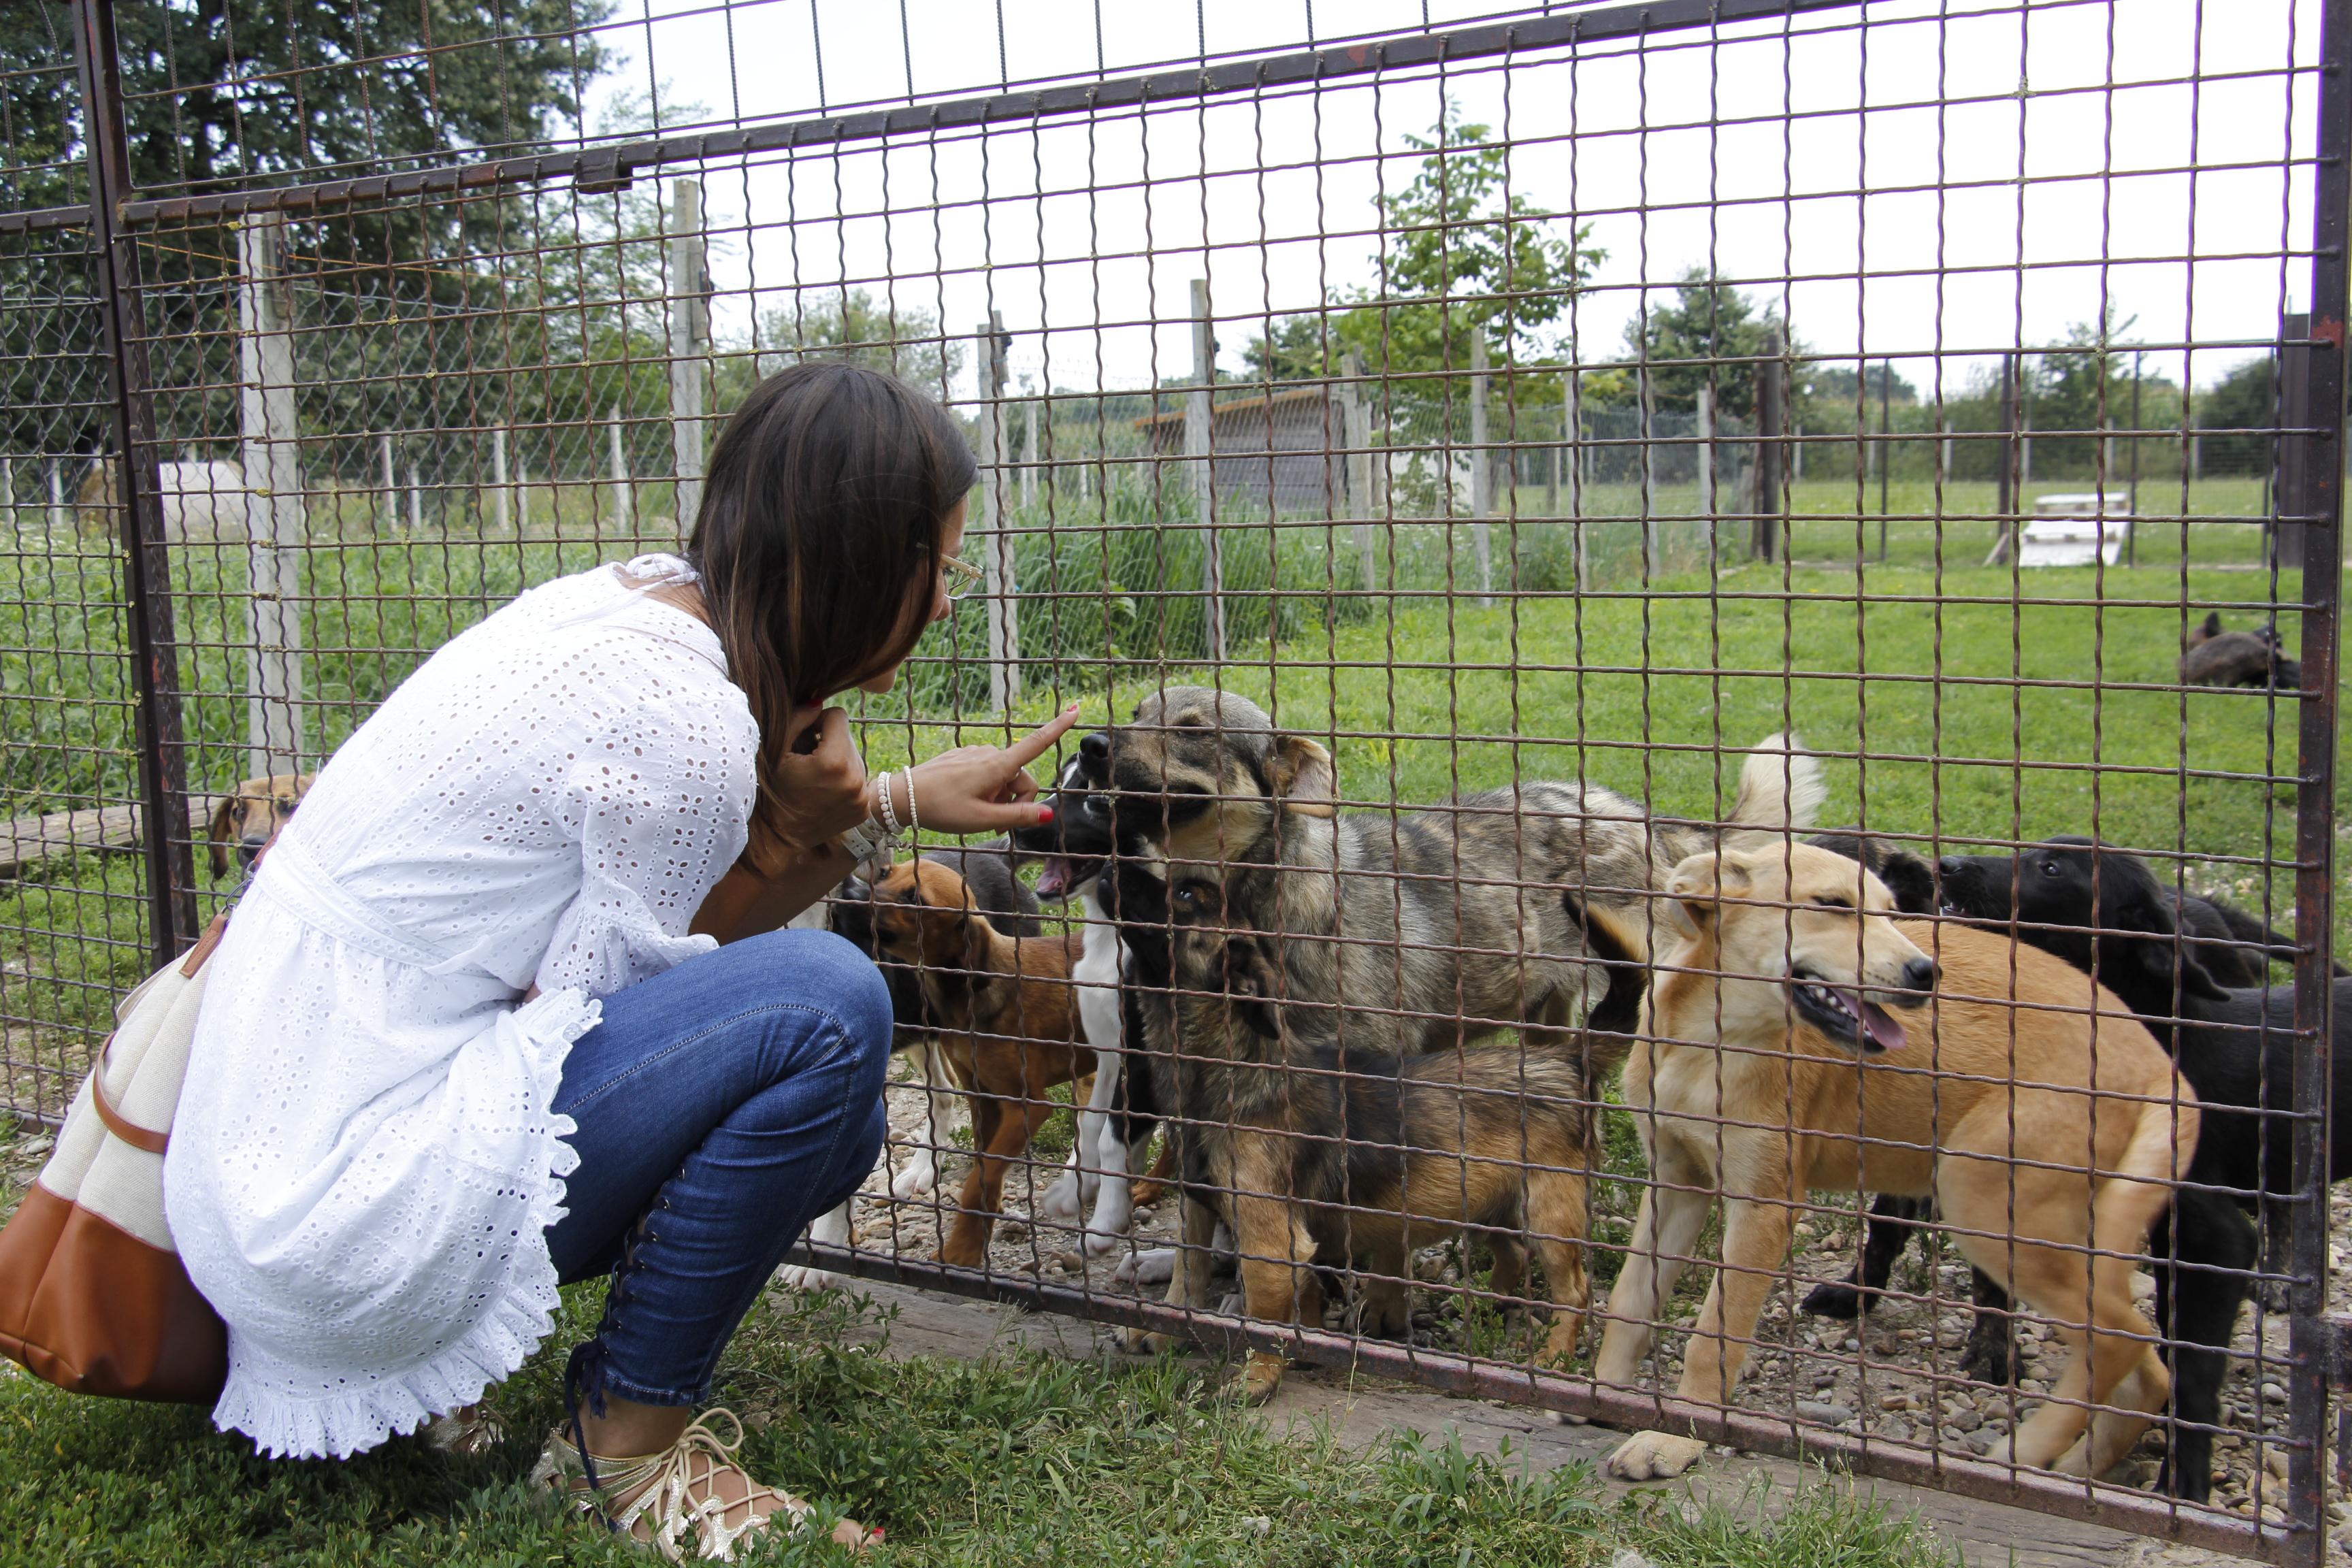 besplatna web mjesta za ljubitelje životinja datiranje s čvrstim središtem strijelaca